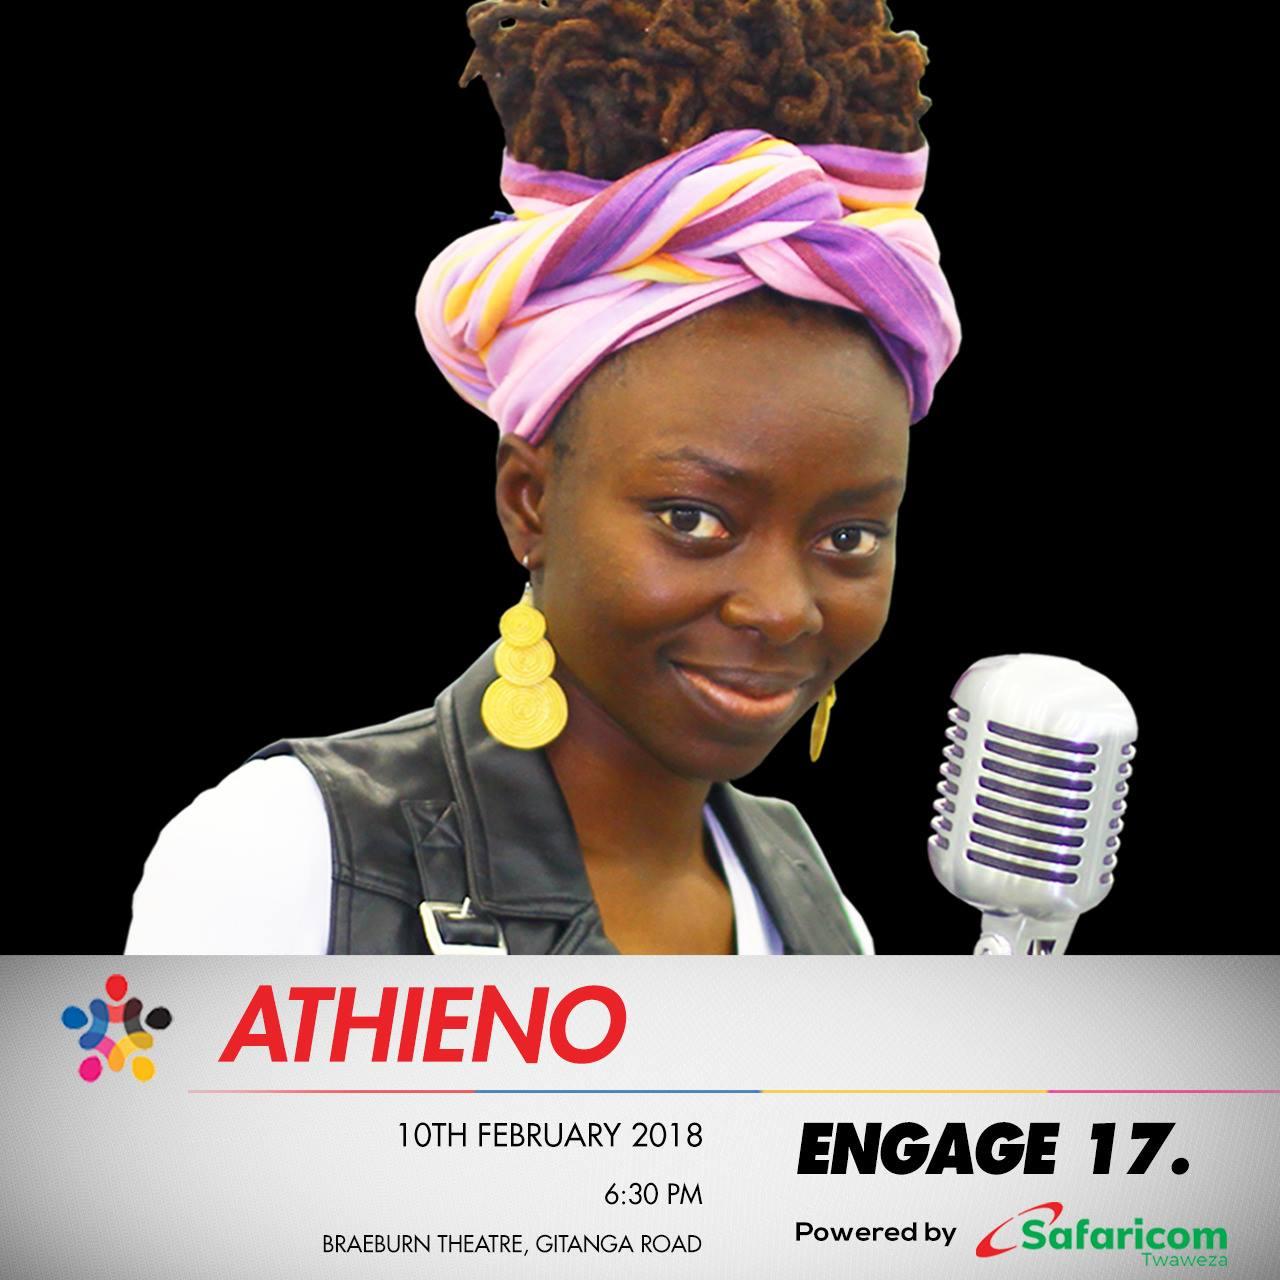 Athieno-Engage